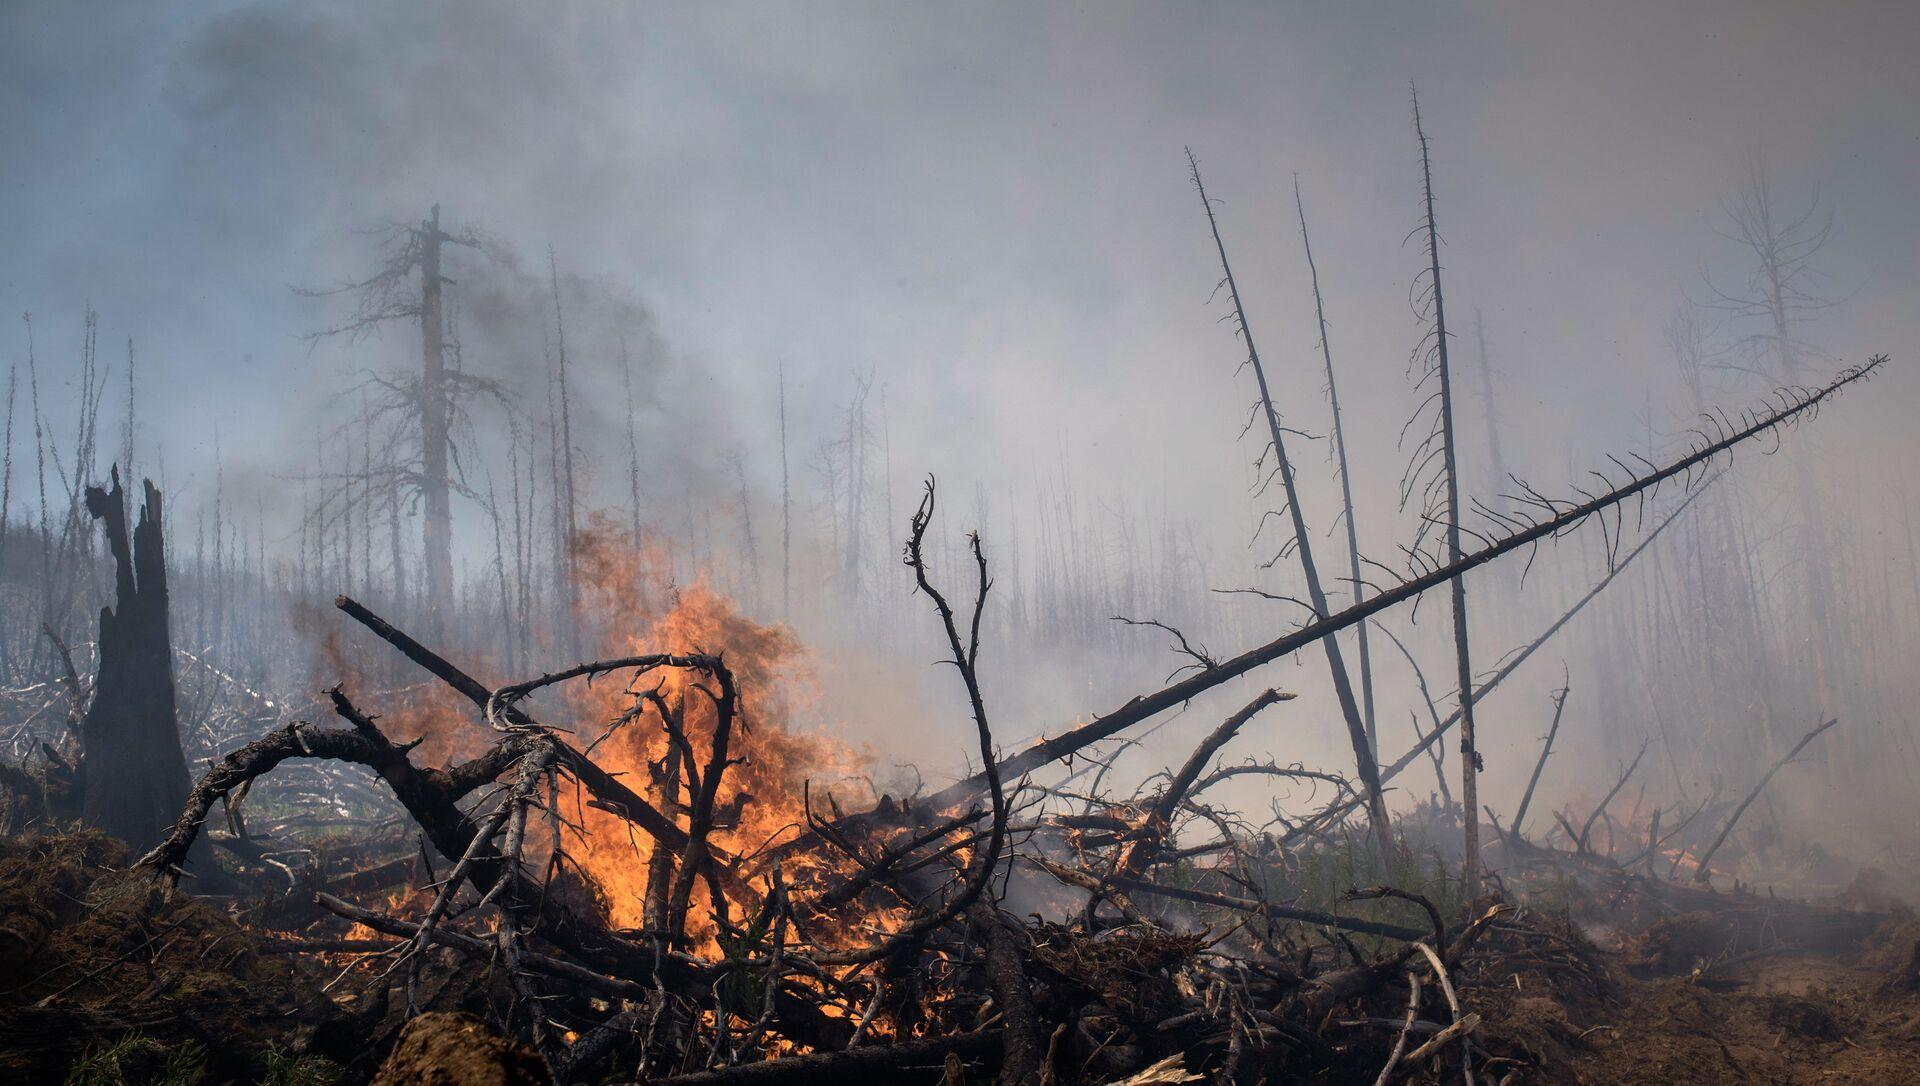 Incendios forestales en el Lejano Oriente ruso (archivo) - Sputnik Mundo, 1920, 08.08.2019